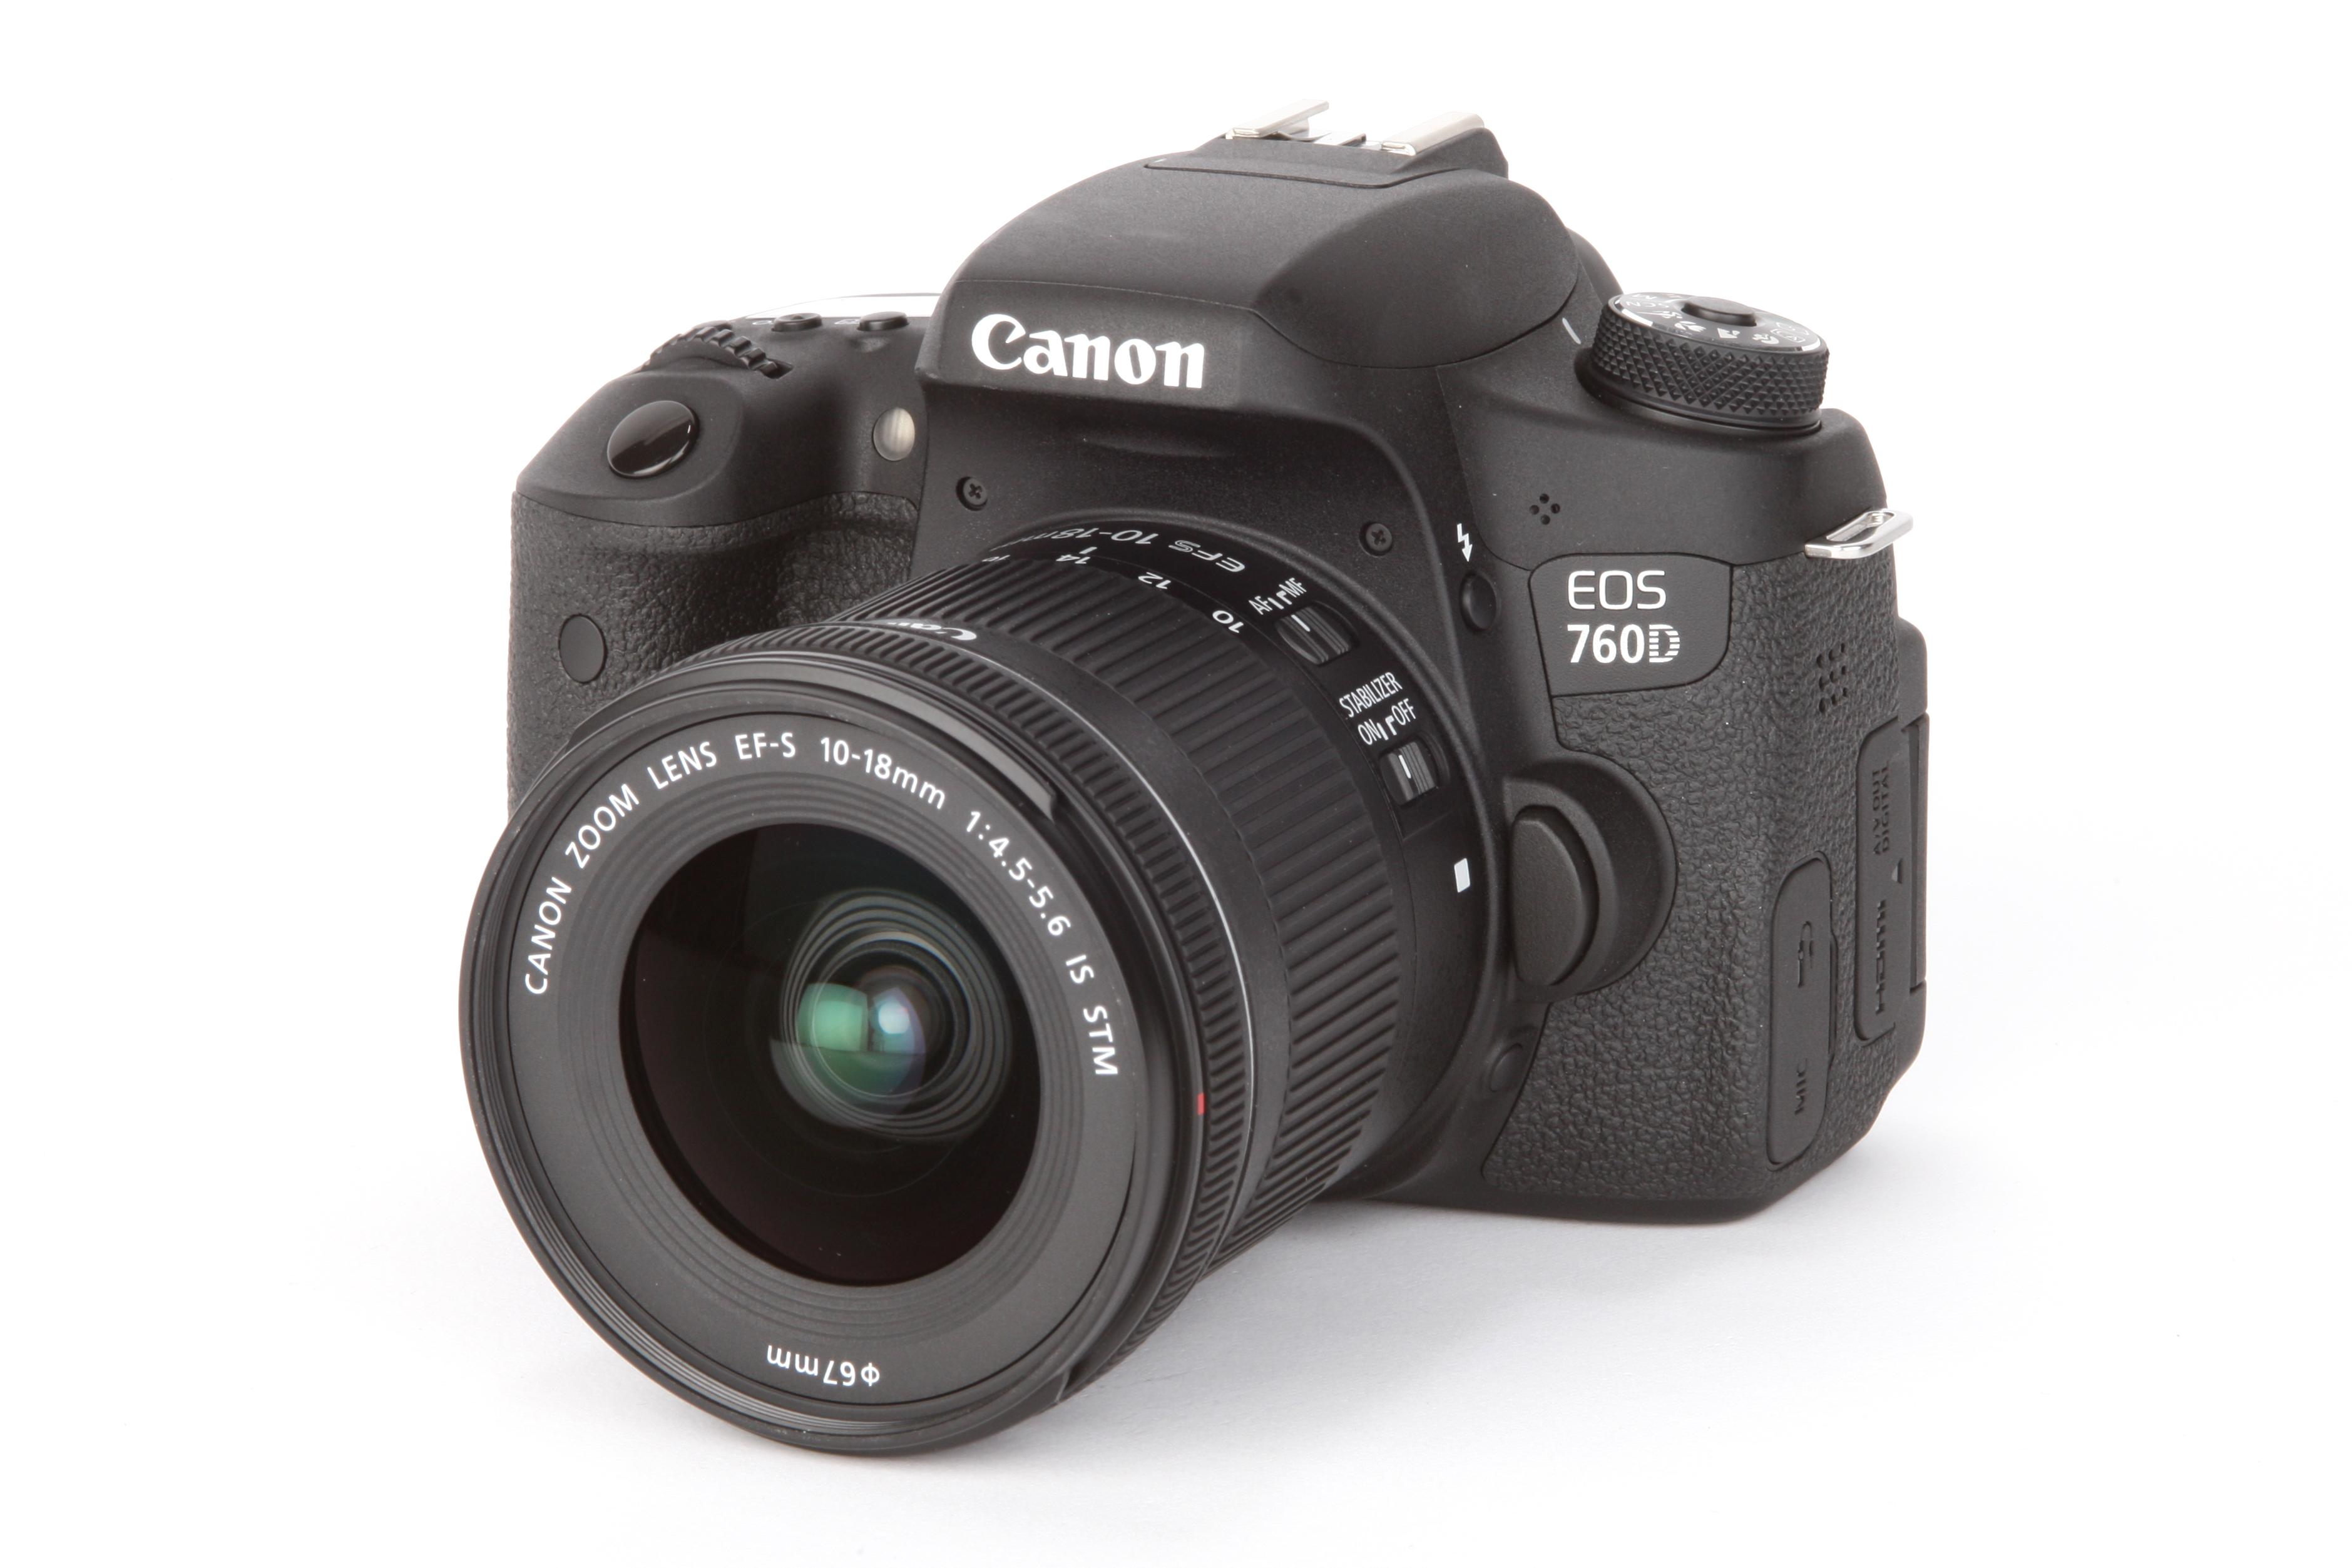 canon eos 760d review amateur photographer. Black Bedroom Furniture Sets. Home Design Ideas